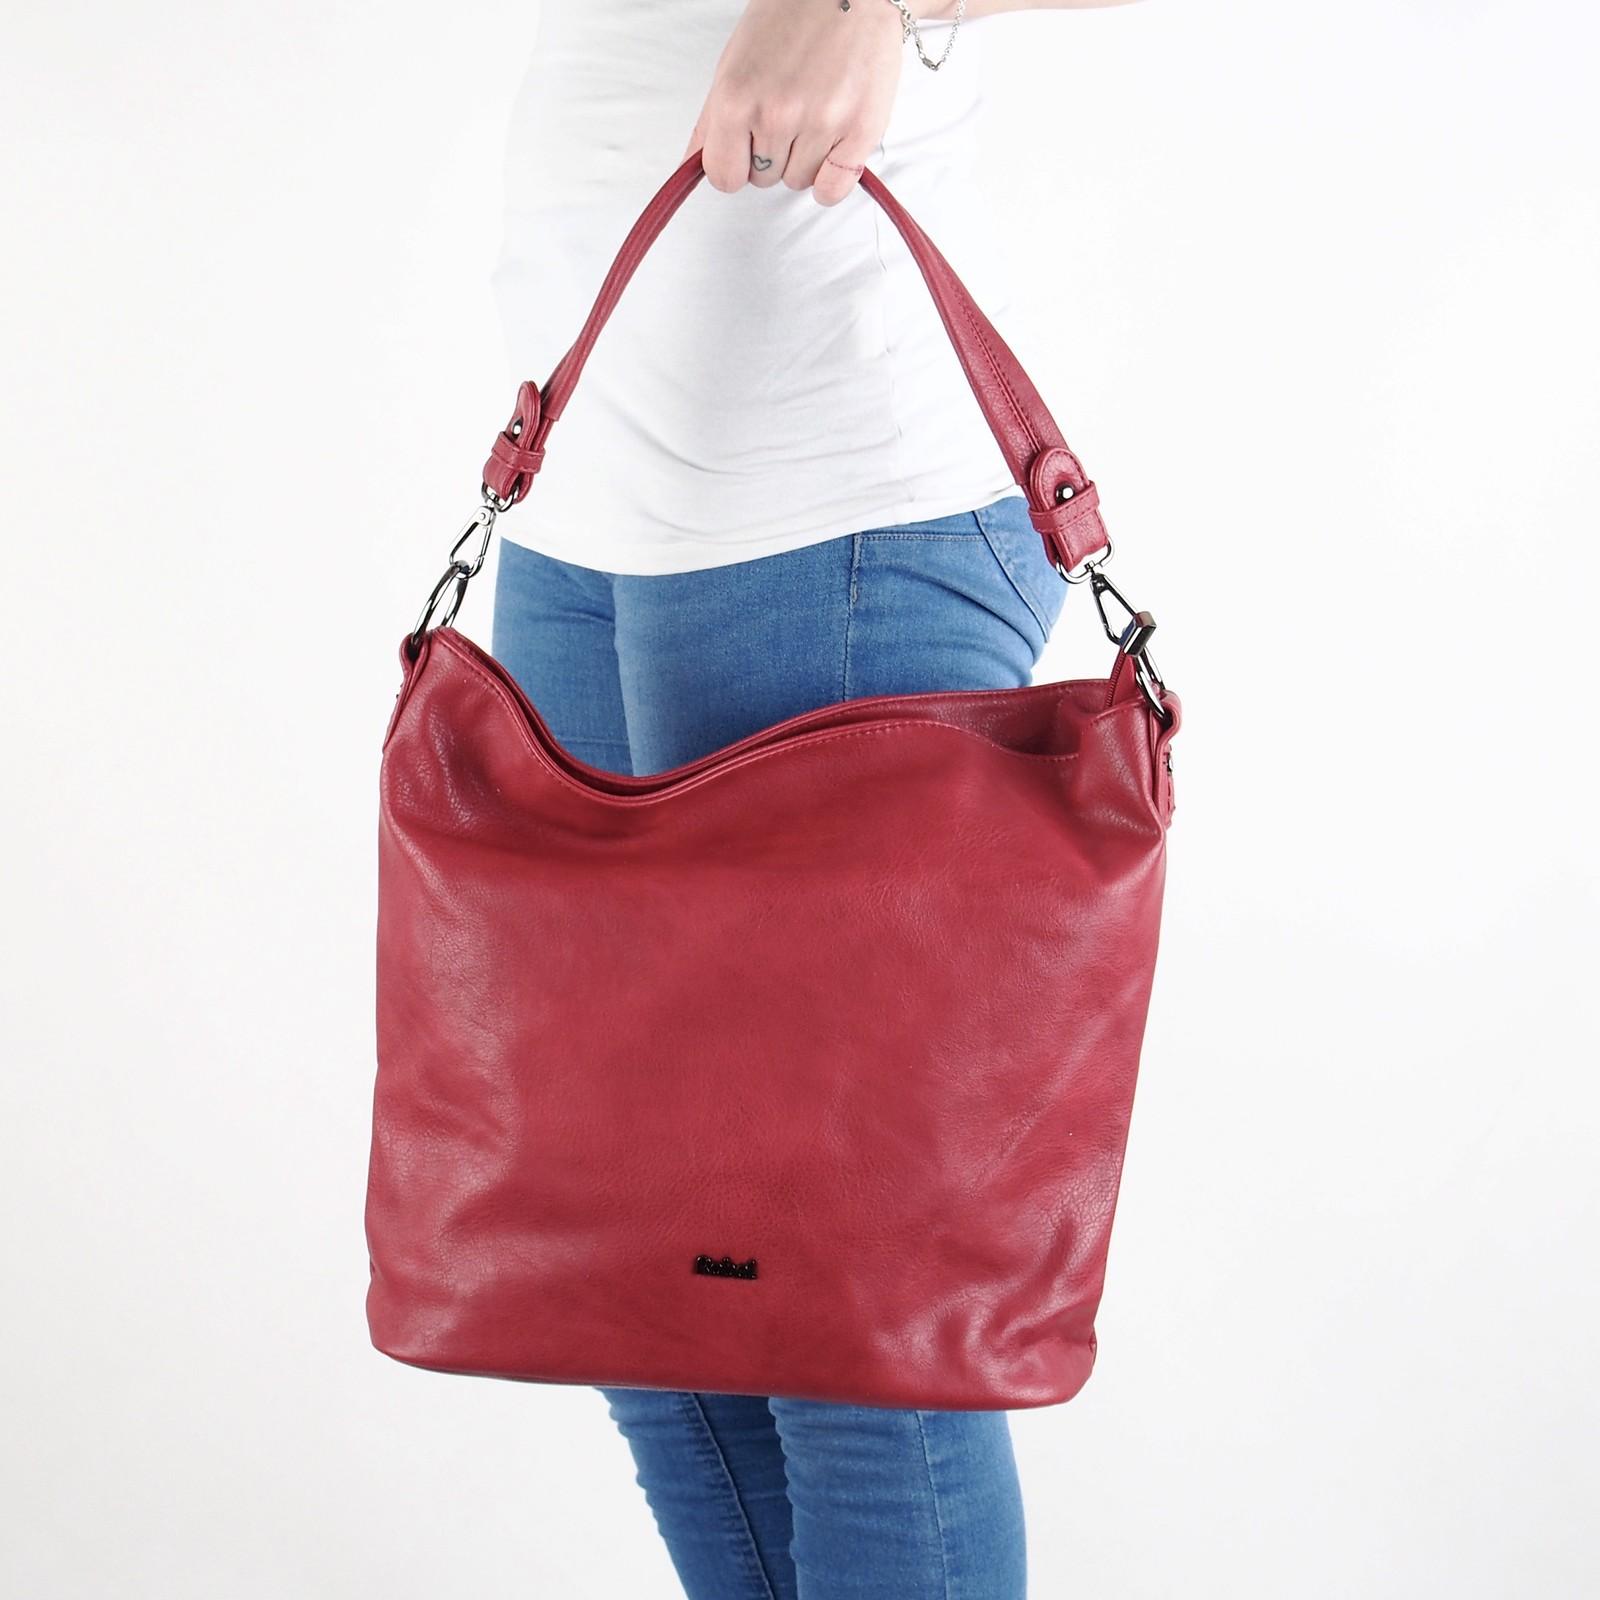 0163025210ba Robel dámska štýlová kabelka - červená ...